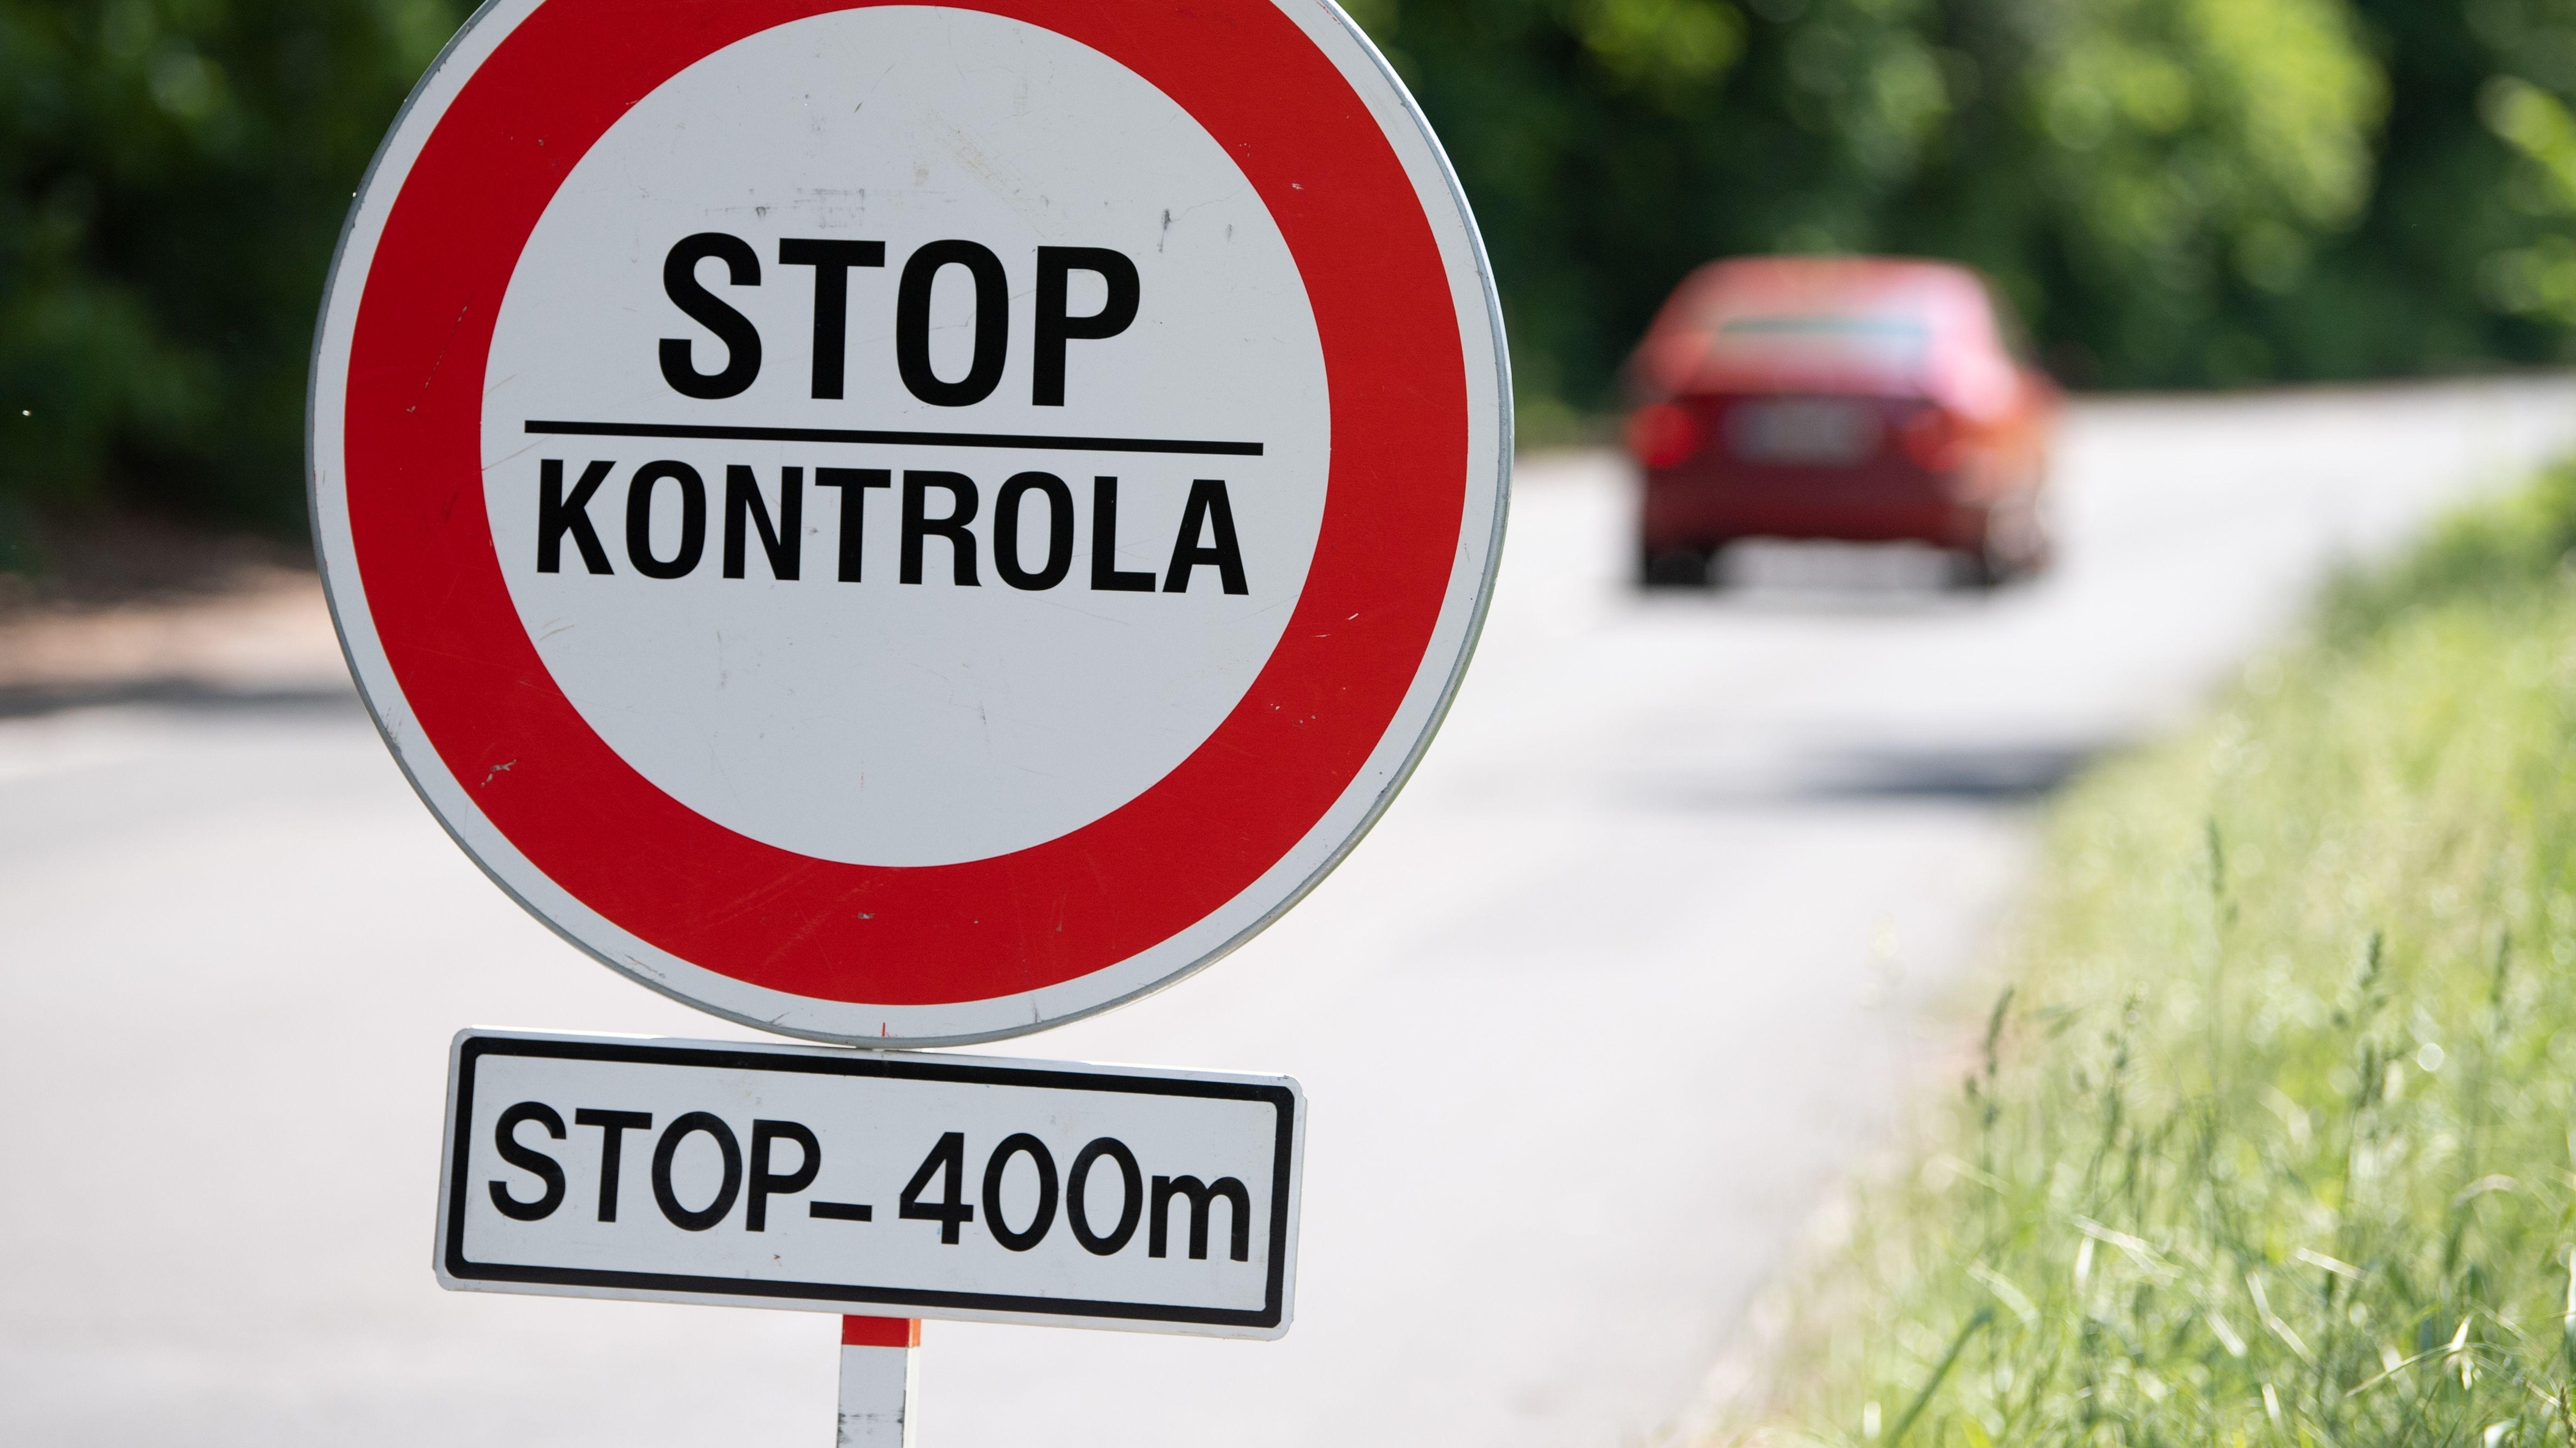 Tschechien öffnet seine Grenze für Bürger aus Deutschland früher als geplant - voraussichtlich bereits ab Samstag.